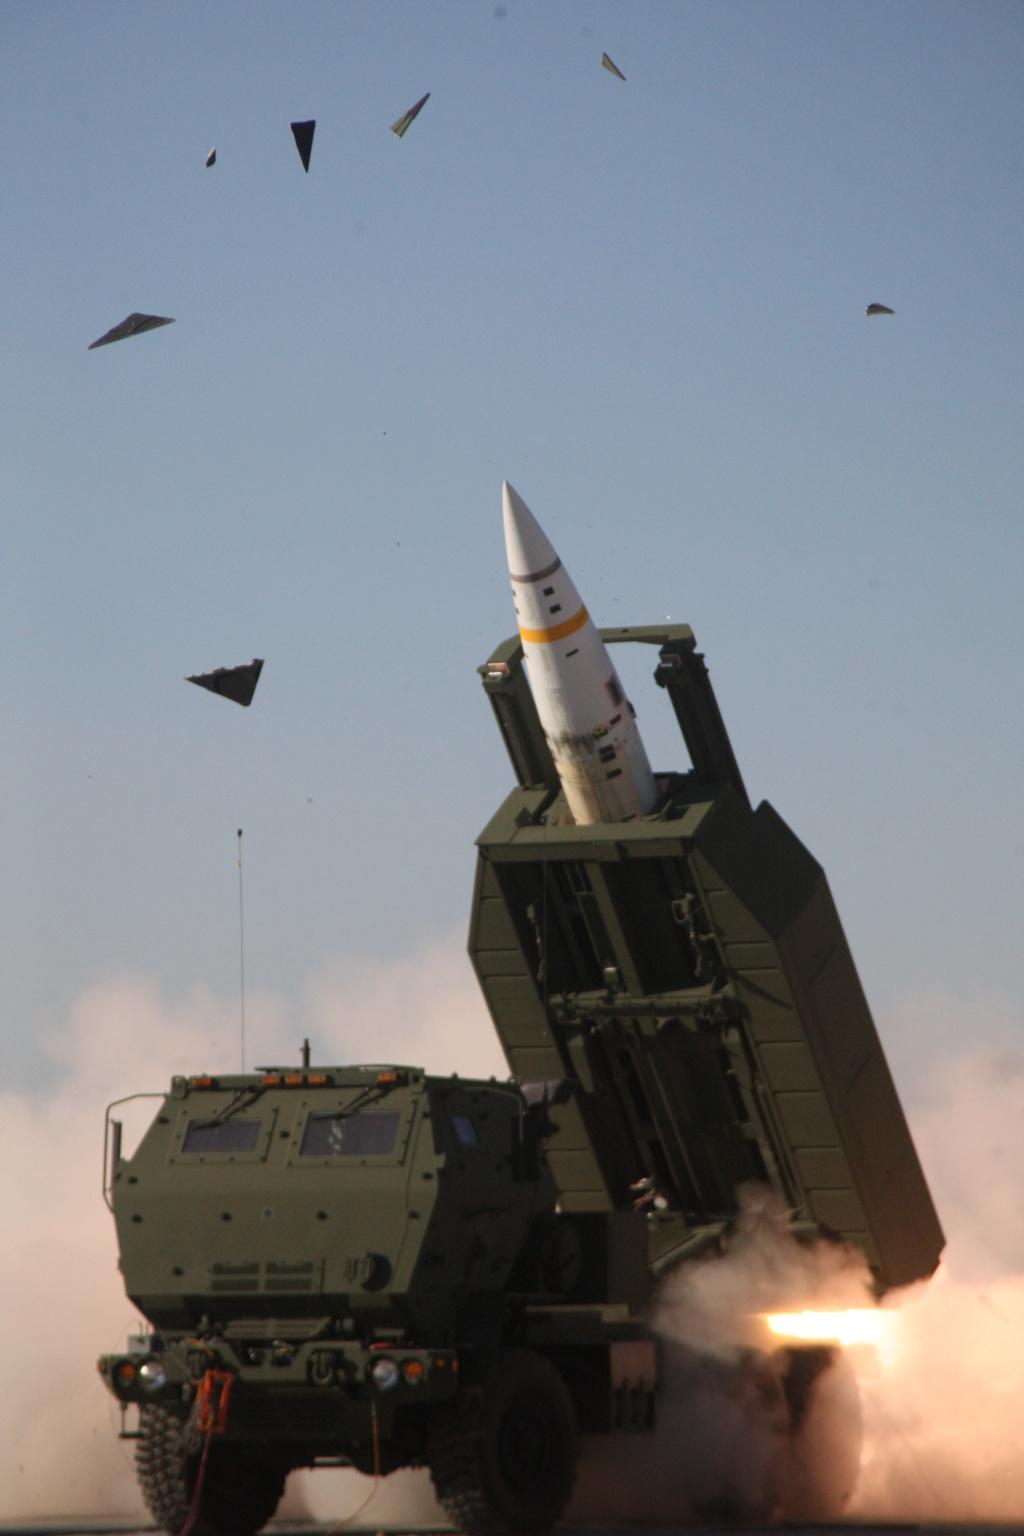 Le missile DeepStrike pour l'US Army testé d'ici fin 2019 ? Origin12